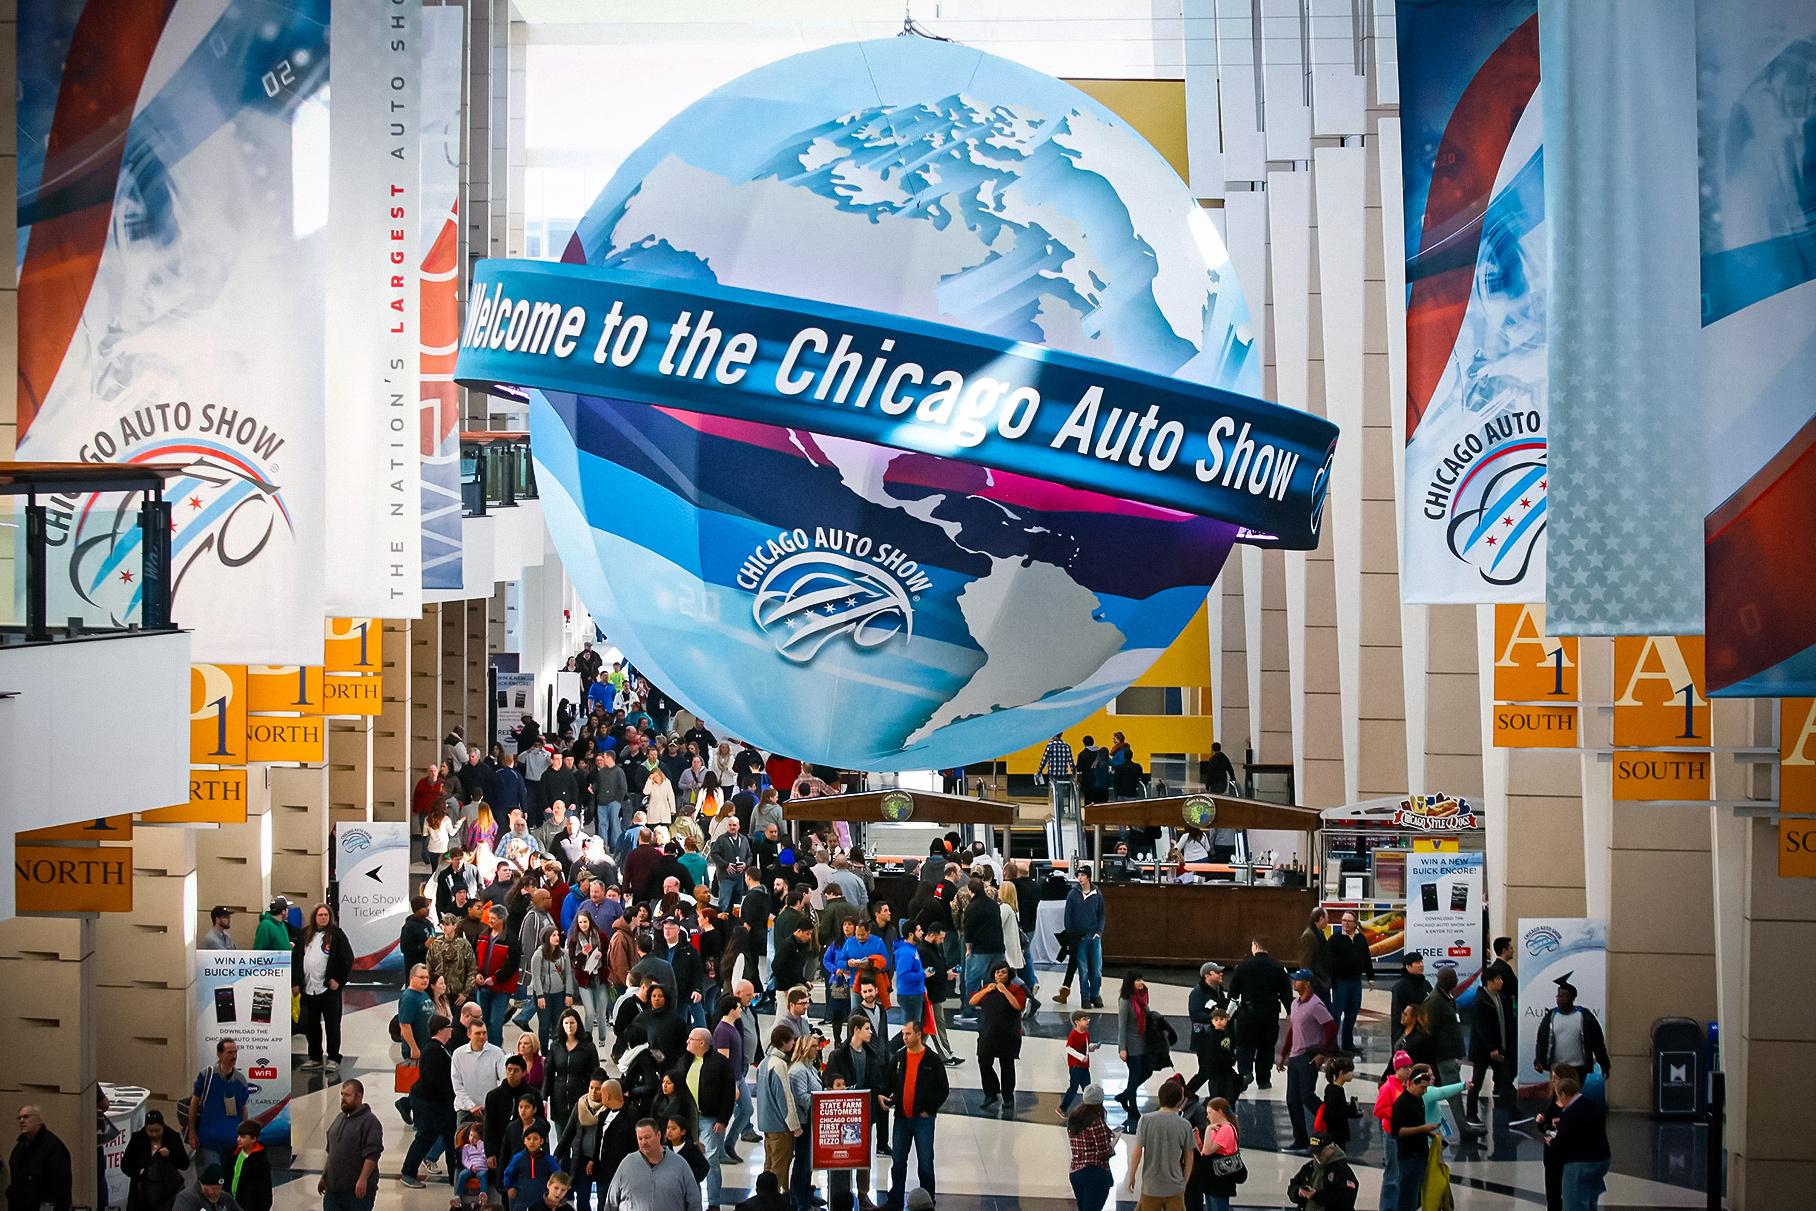 Автосалон в Чикаго перенесли из-за коронавируса